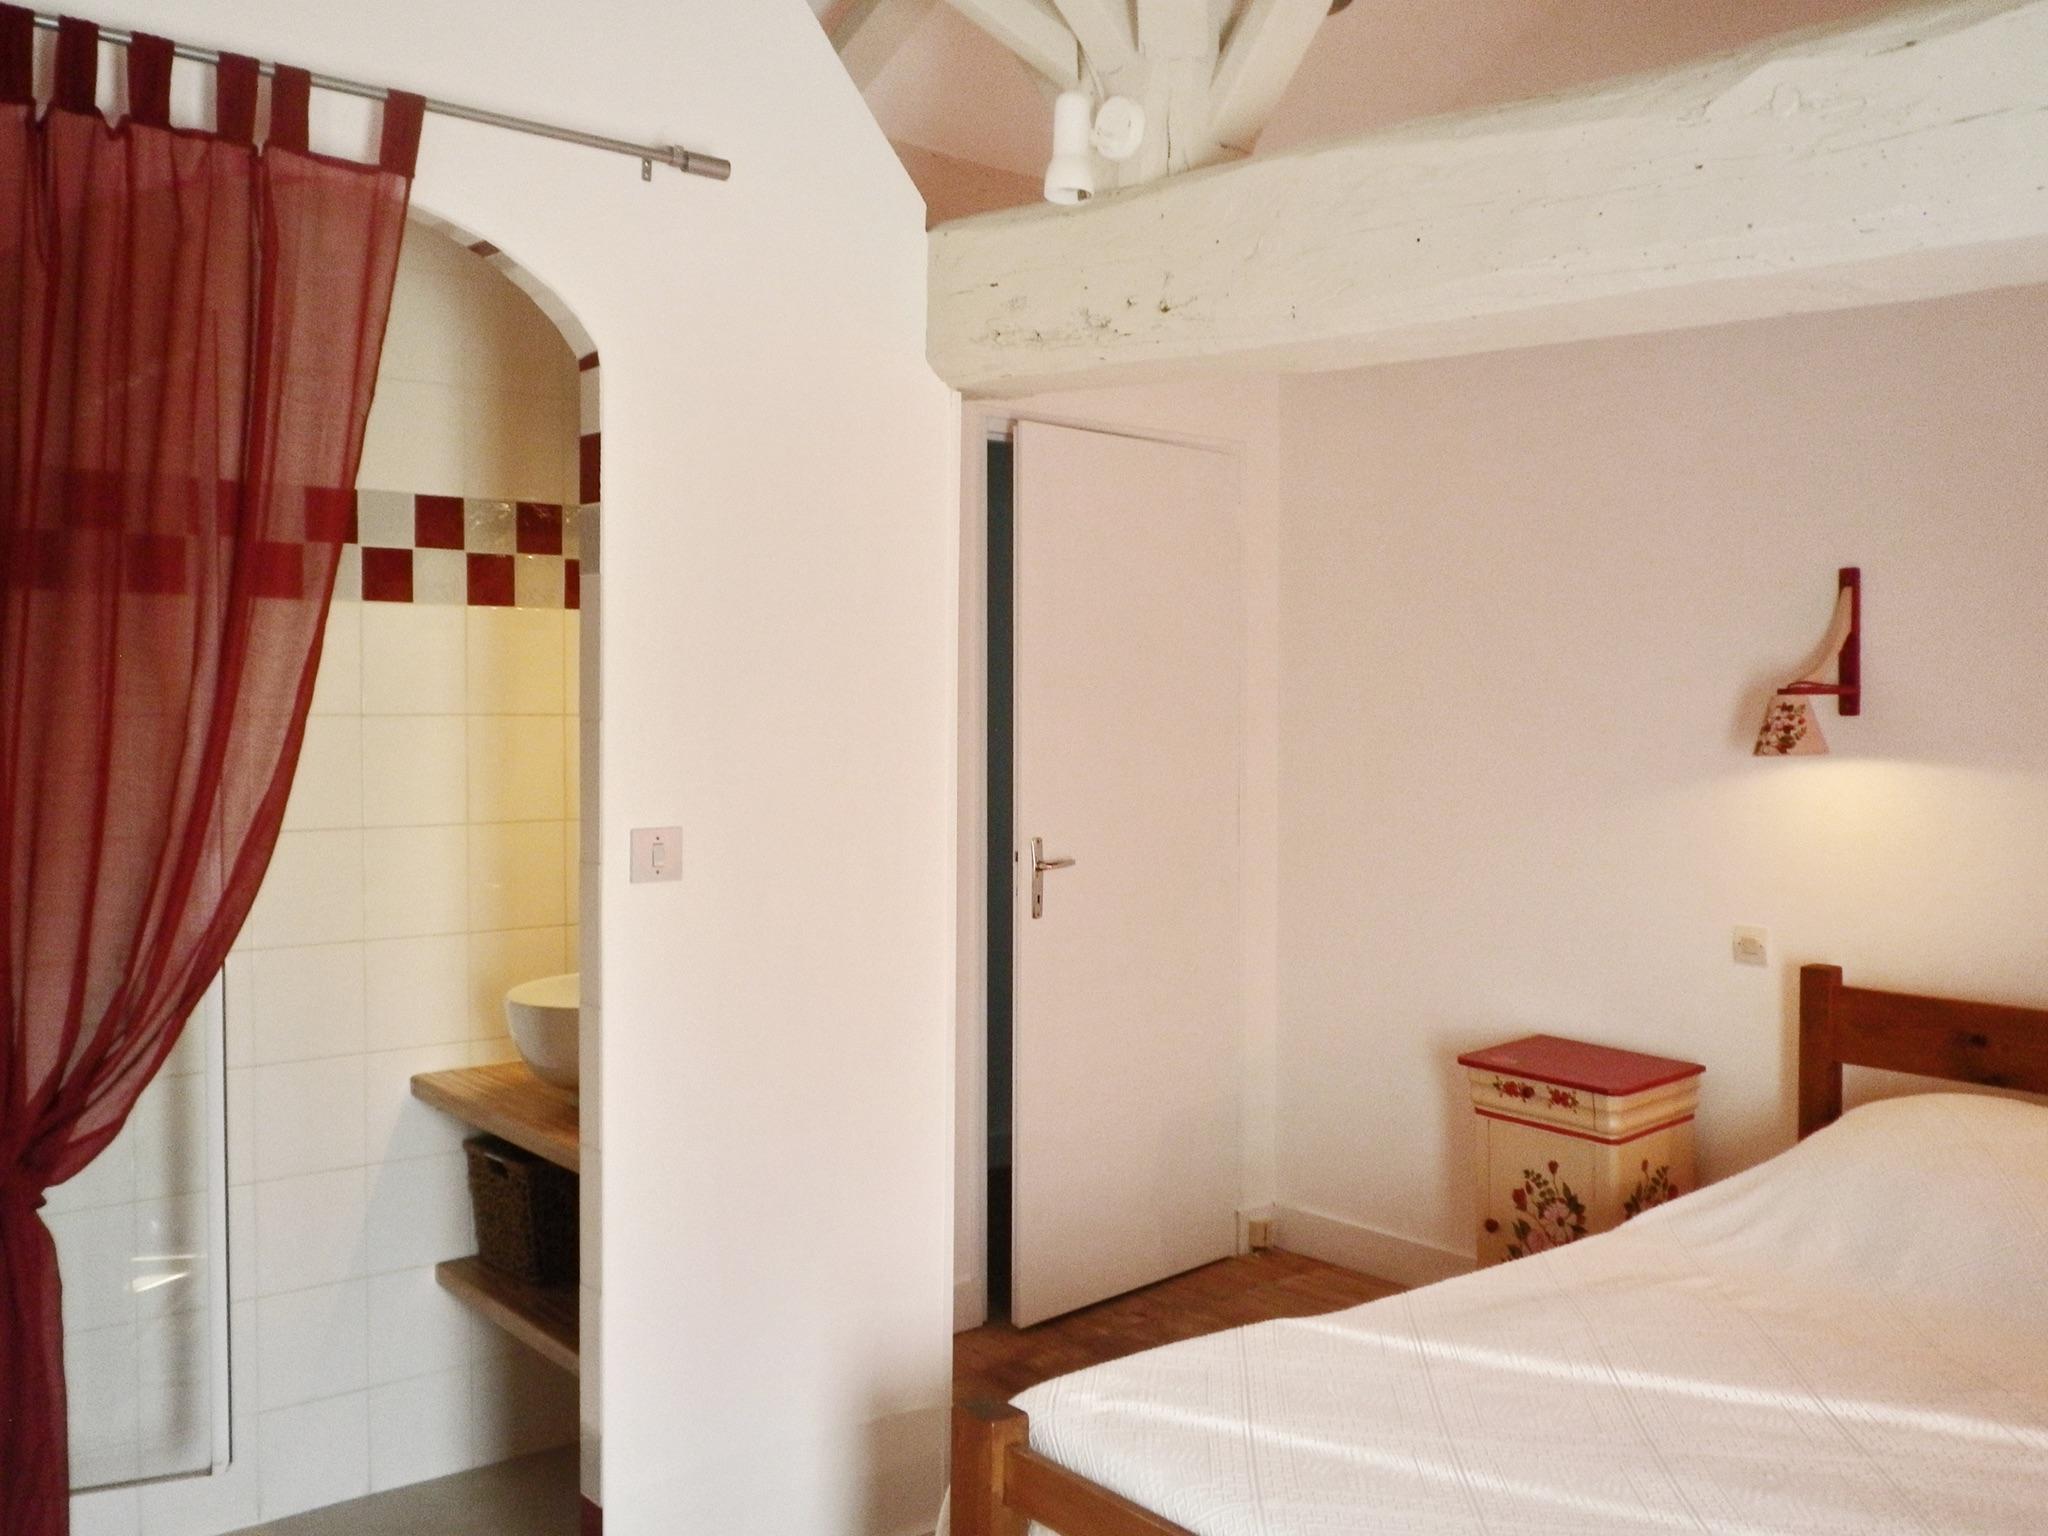 Ferienhaus Villa mit 4 Zimmern in Trensacq mit privatem Pool und möbliertem Garten - 45 km vom Strand (2202366), Trensacq, Landes, Aquitanien, Frankreich, Bild 18